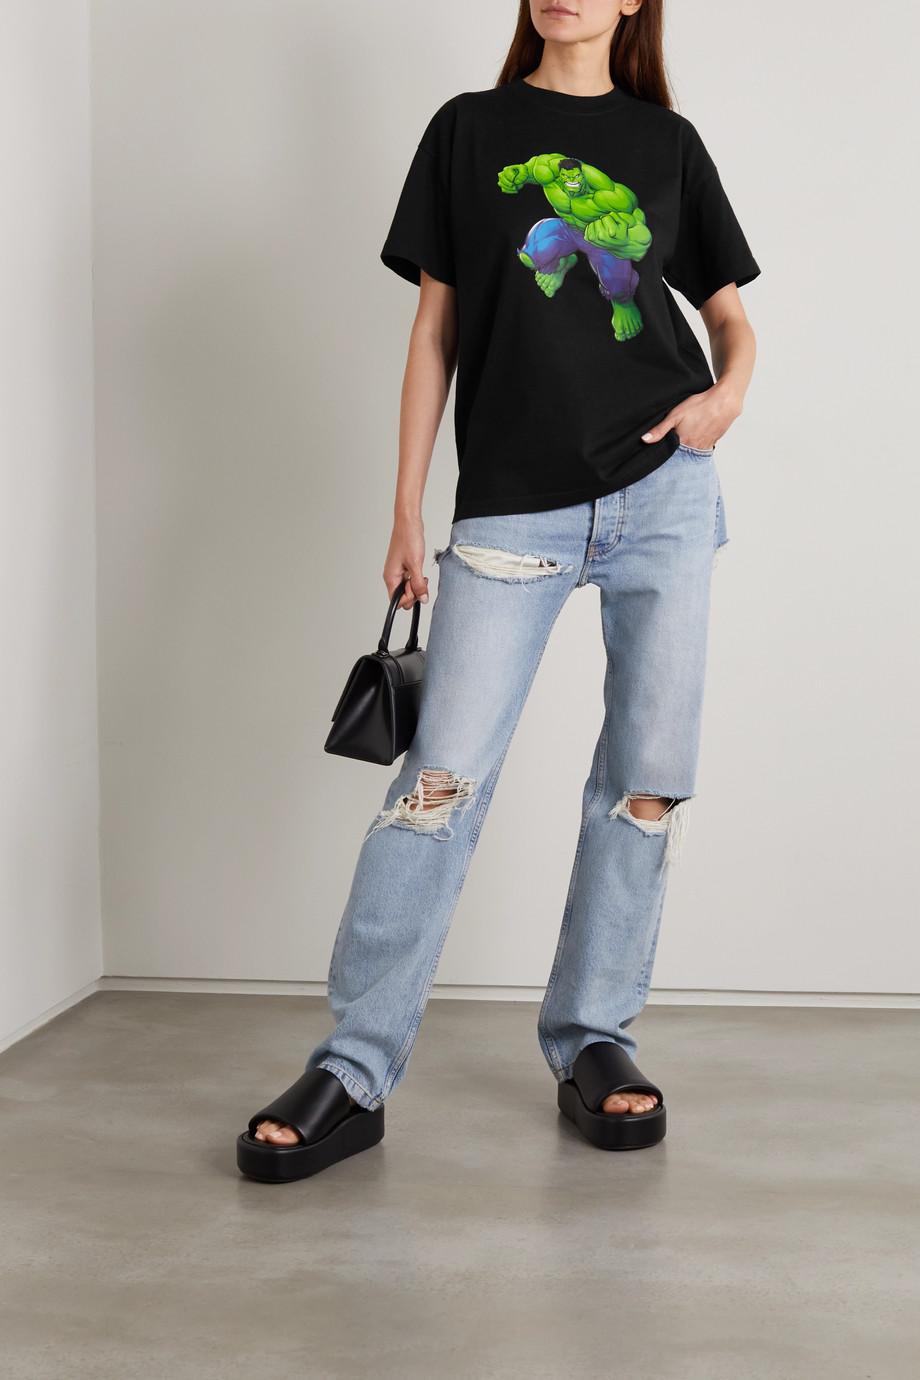 Balenciaga T-shirt en jersey de coton imprimé